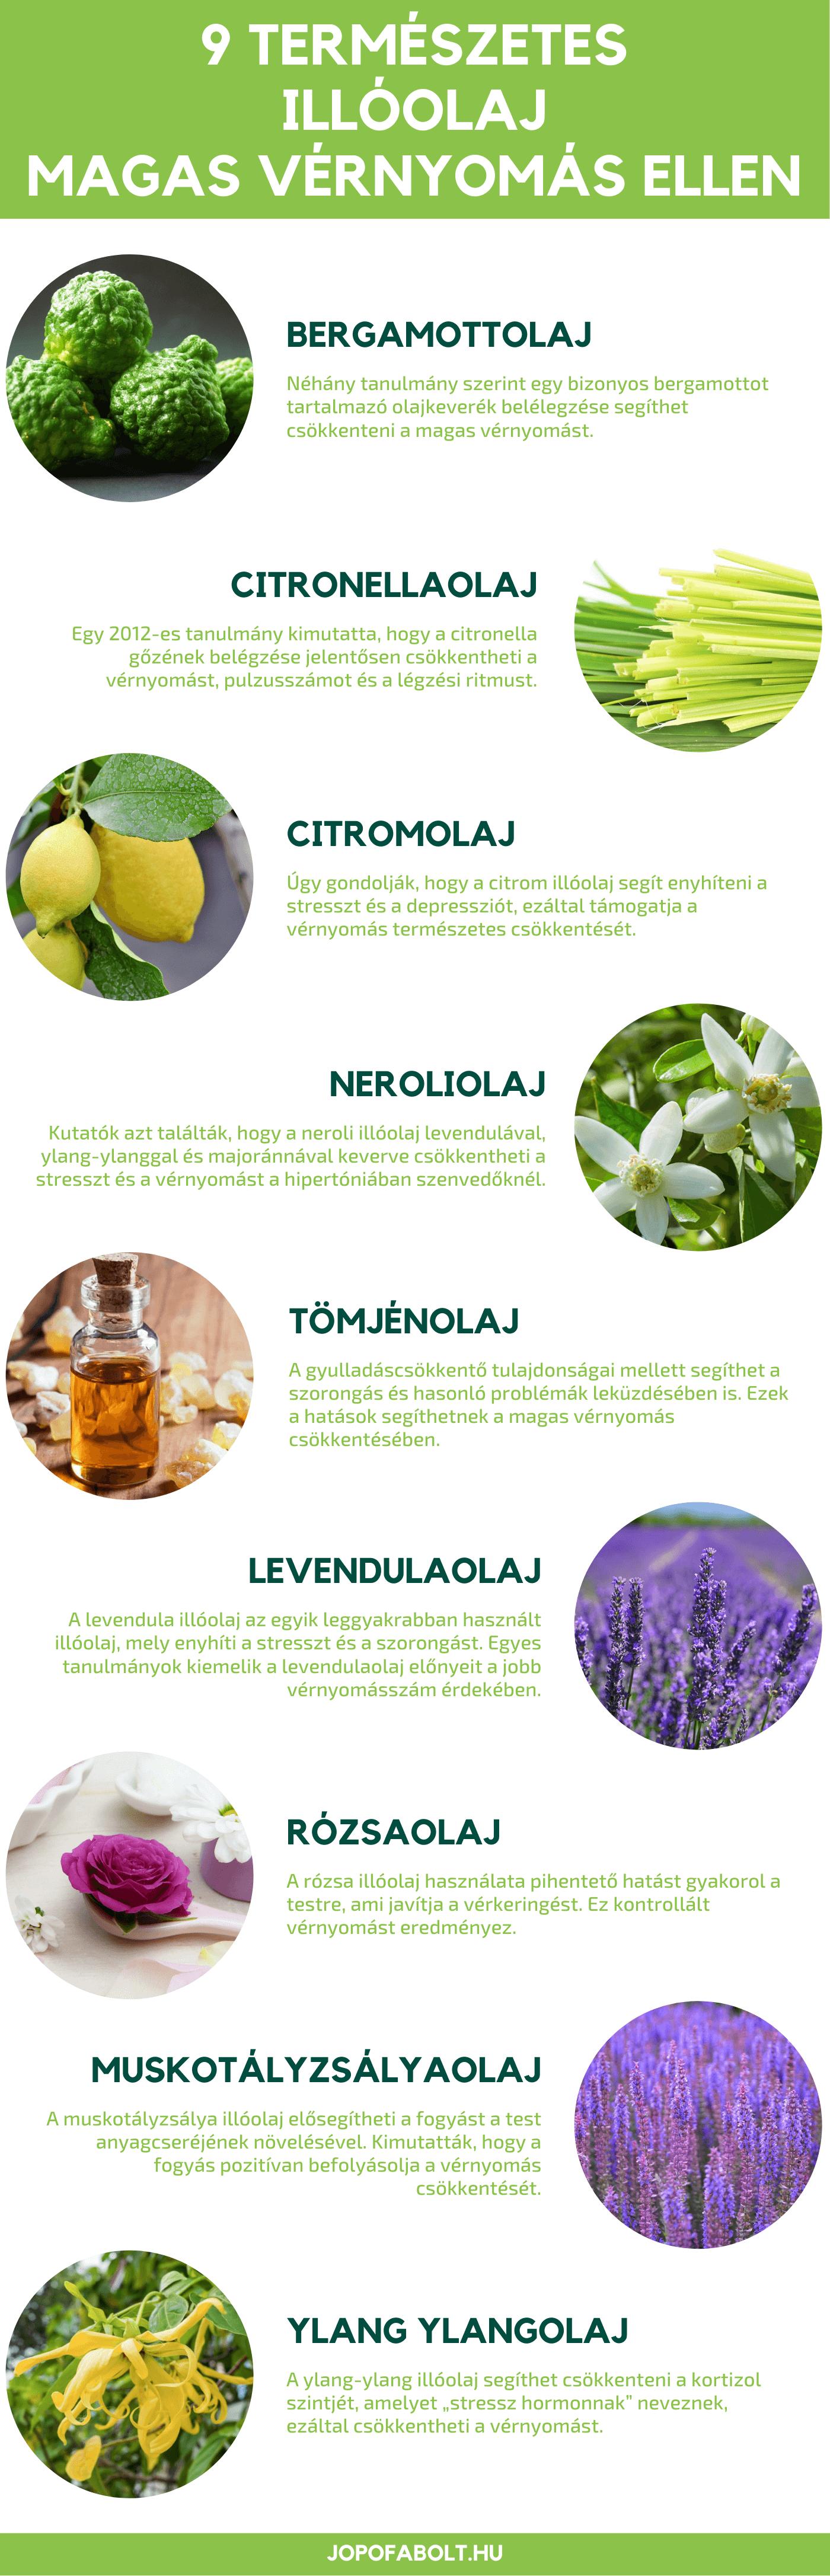 legjobb fogyáshoz használt gyógynövények